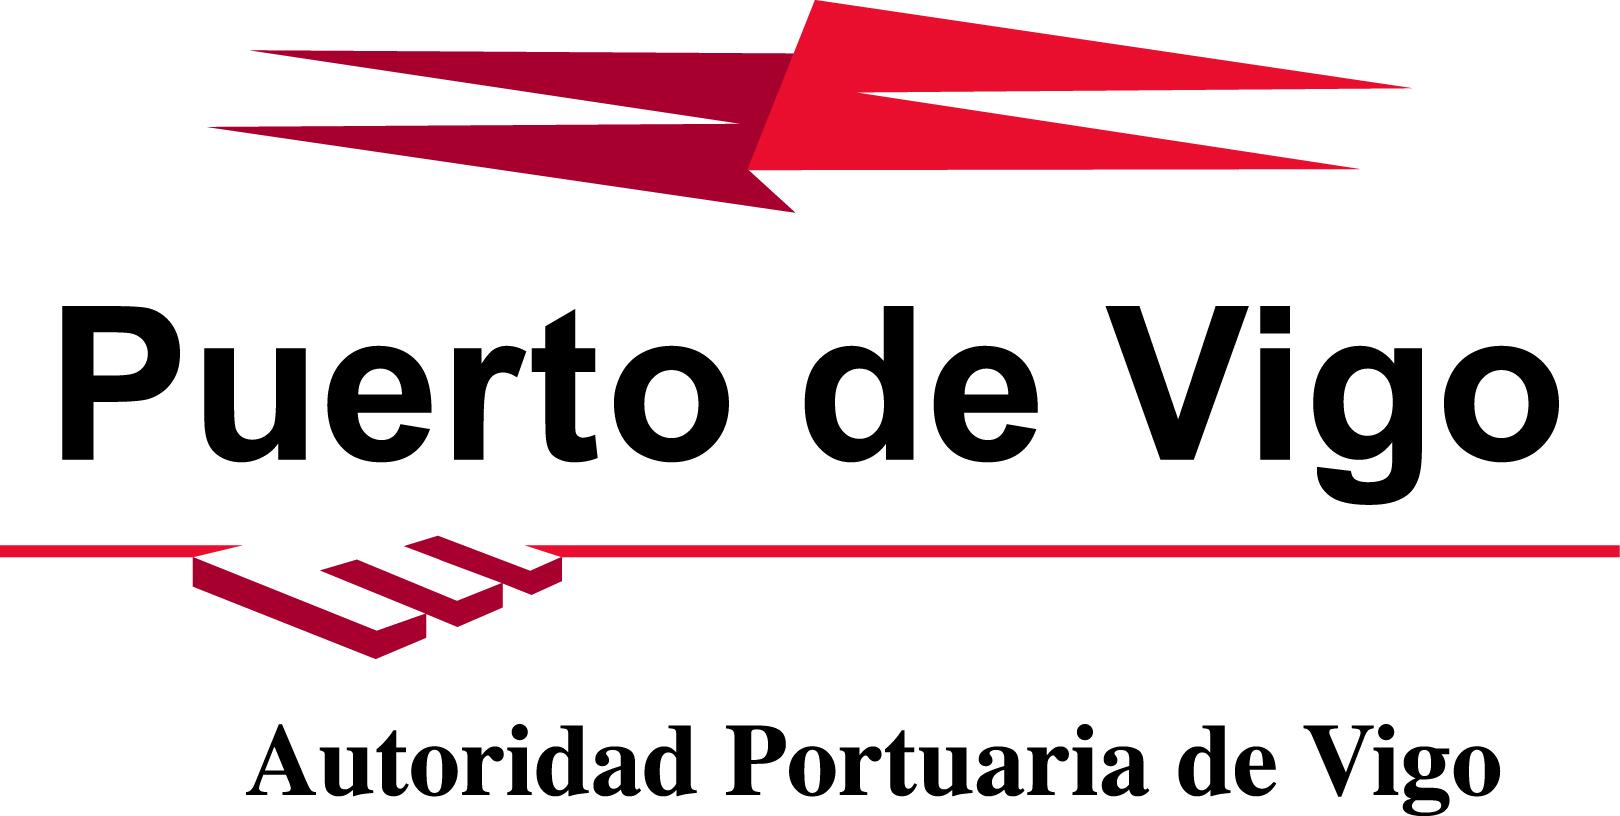 EL PUERTO DE VIGO APUESTA POR LA MEJORA DE LAS COMPETENCIAS PROFESIONALES EN EL ÁMBITO MARÍTIMO-PESQUERO